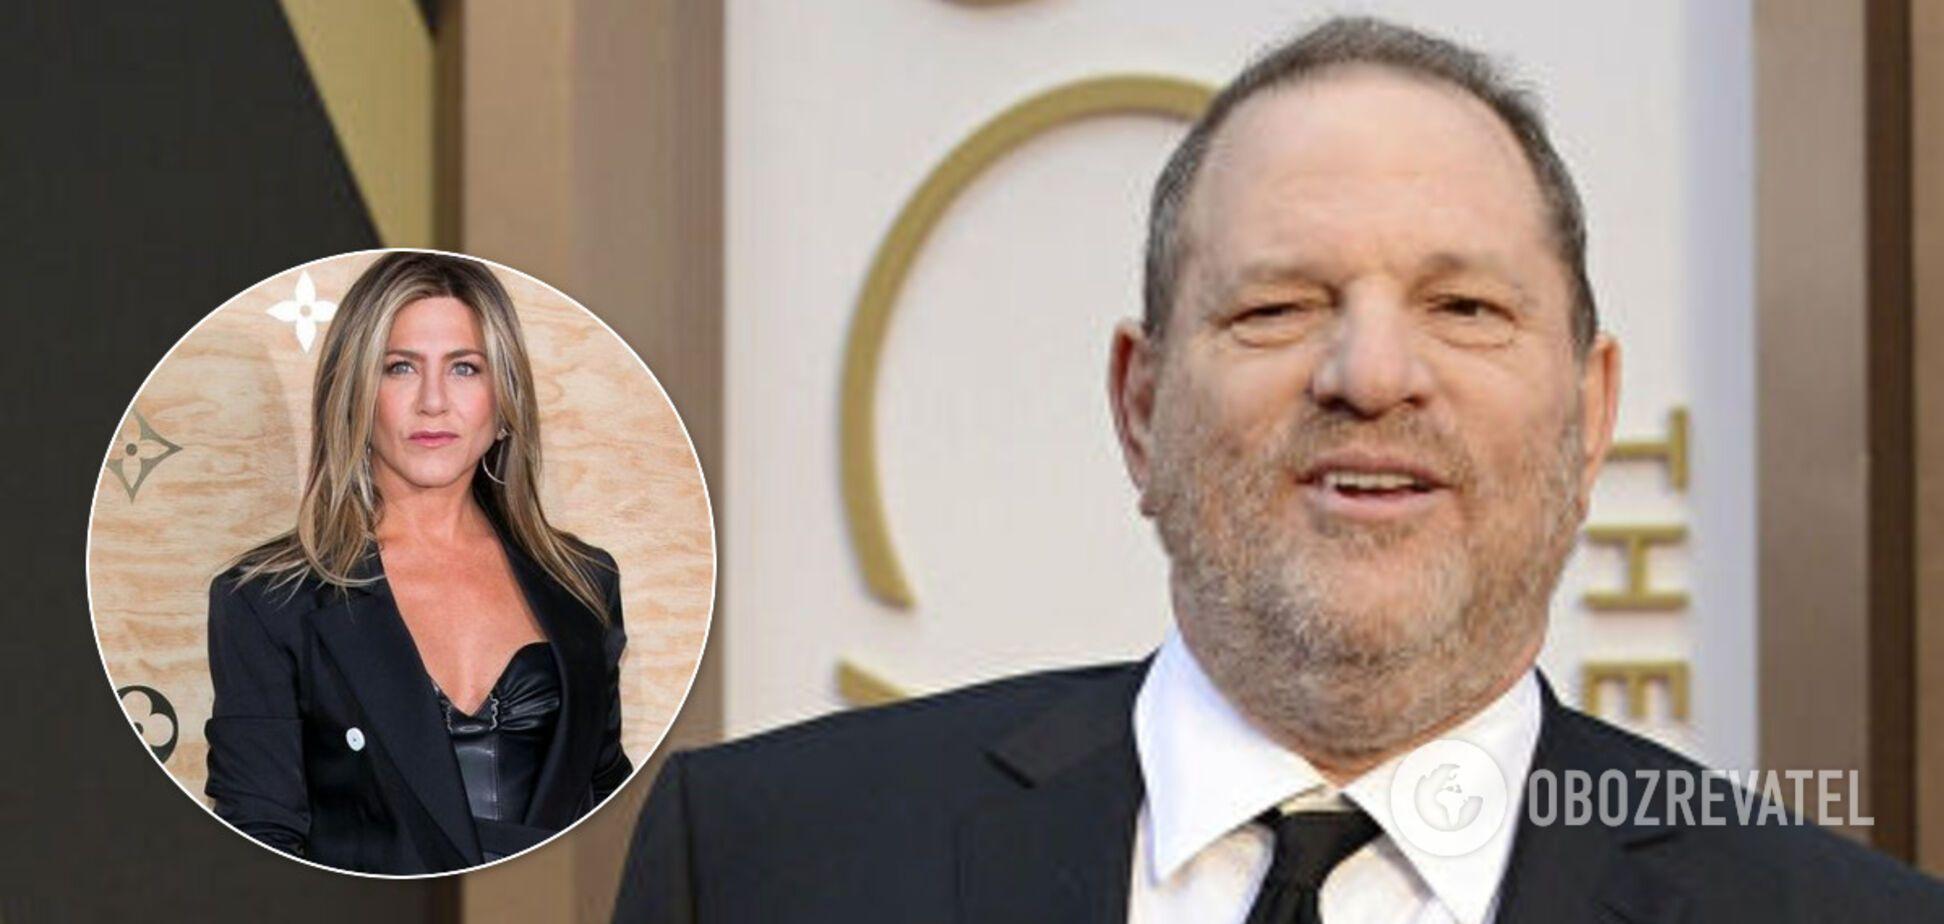 Вайнштейн хотел избавиться от популярной голливудской актрисы после секс-скандала